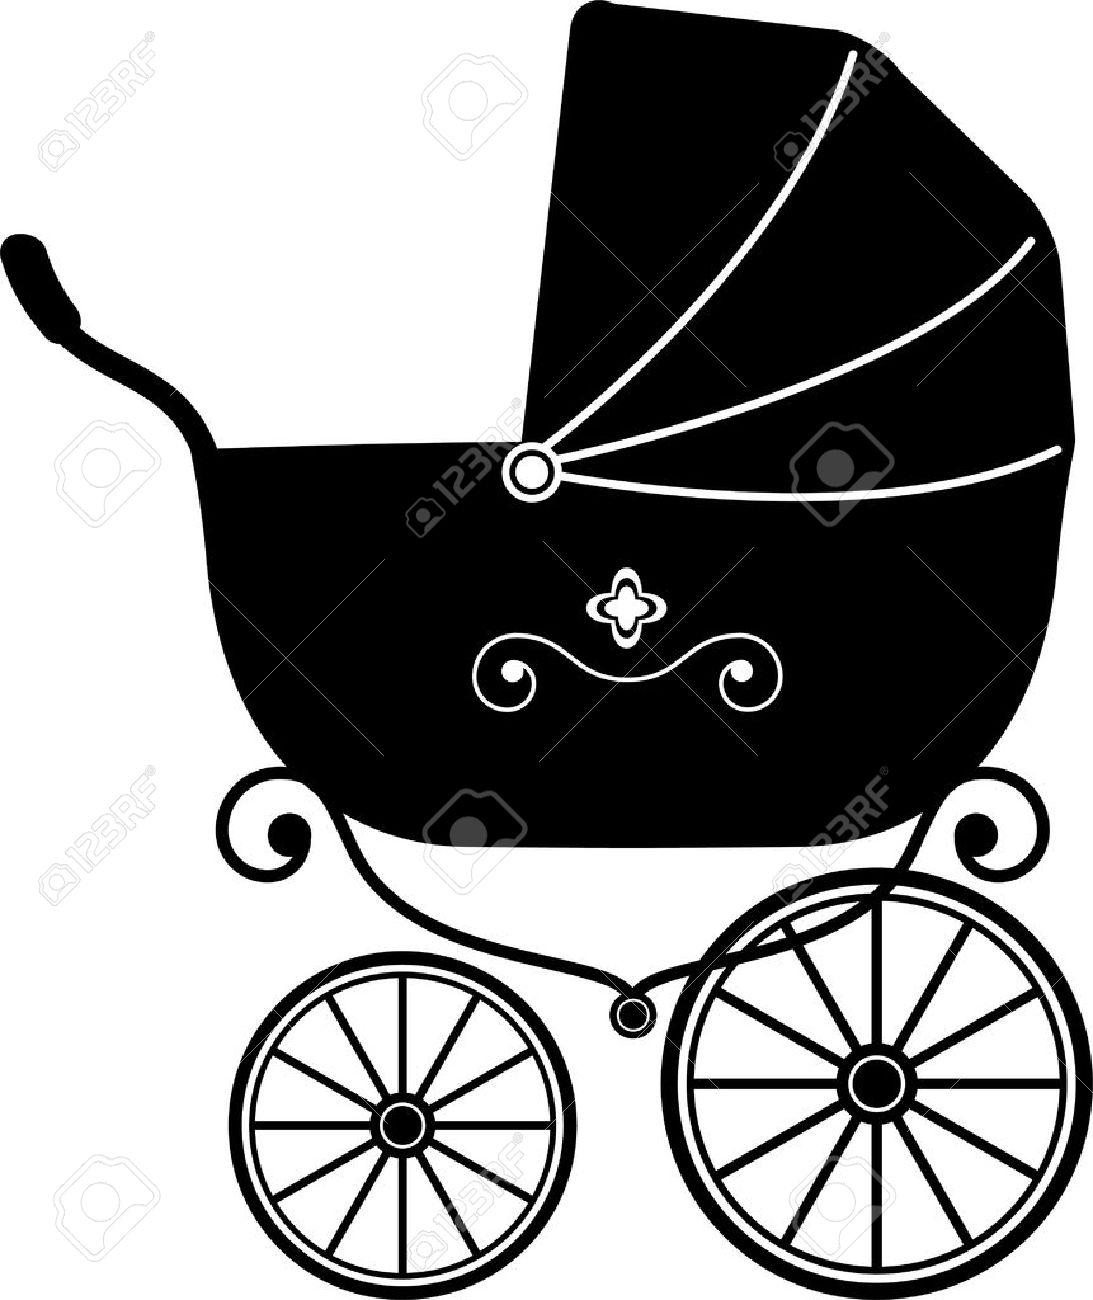 baby stroller over white silhouette stock vector 12284517